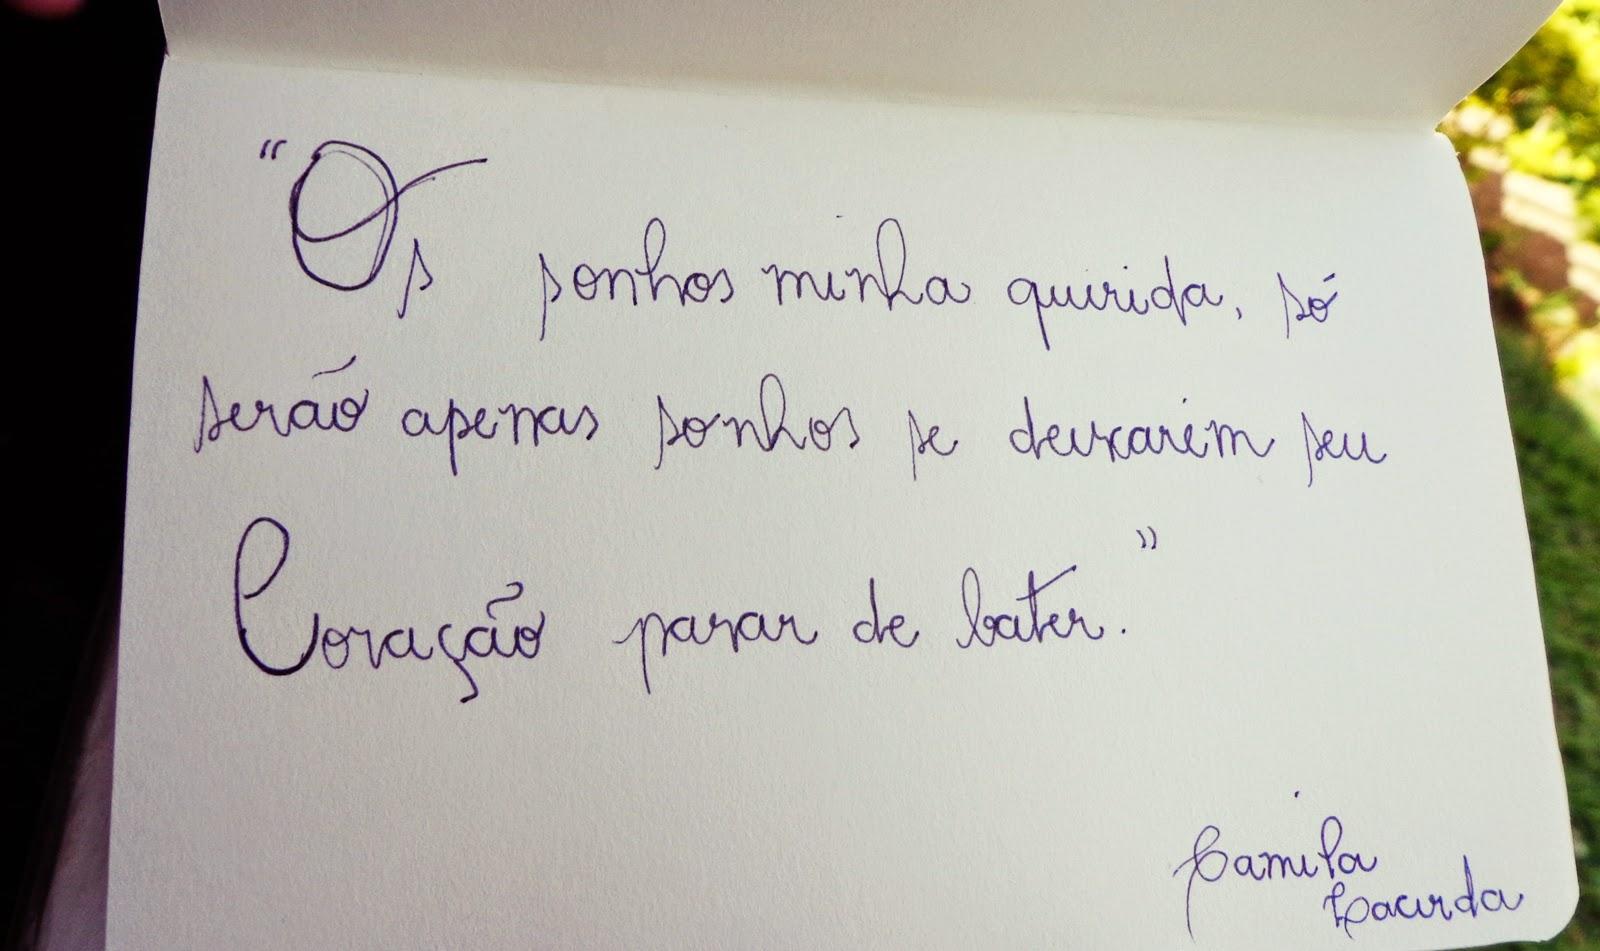 Extremamente Frases Para Escrever No Caderno Fs58 Ivango